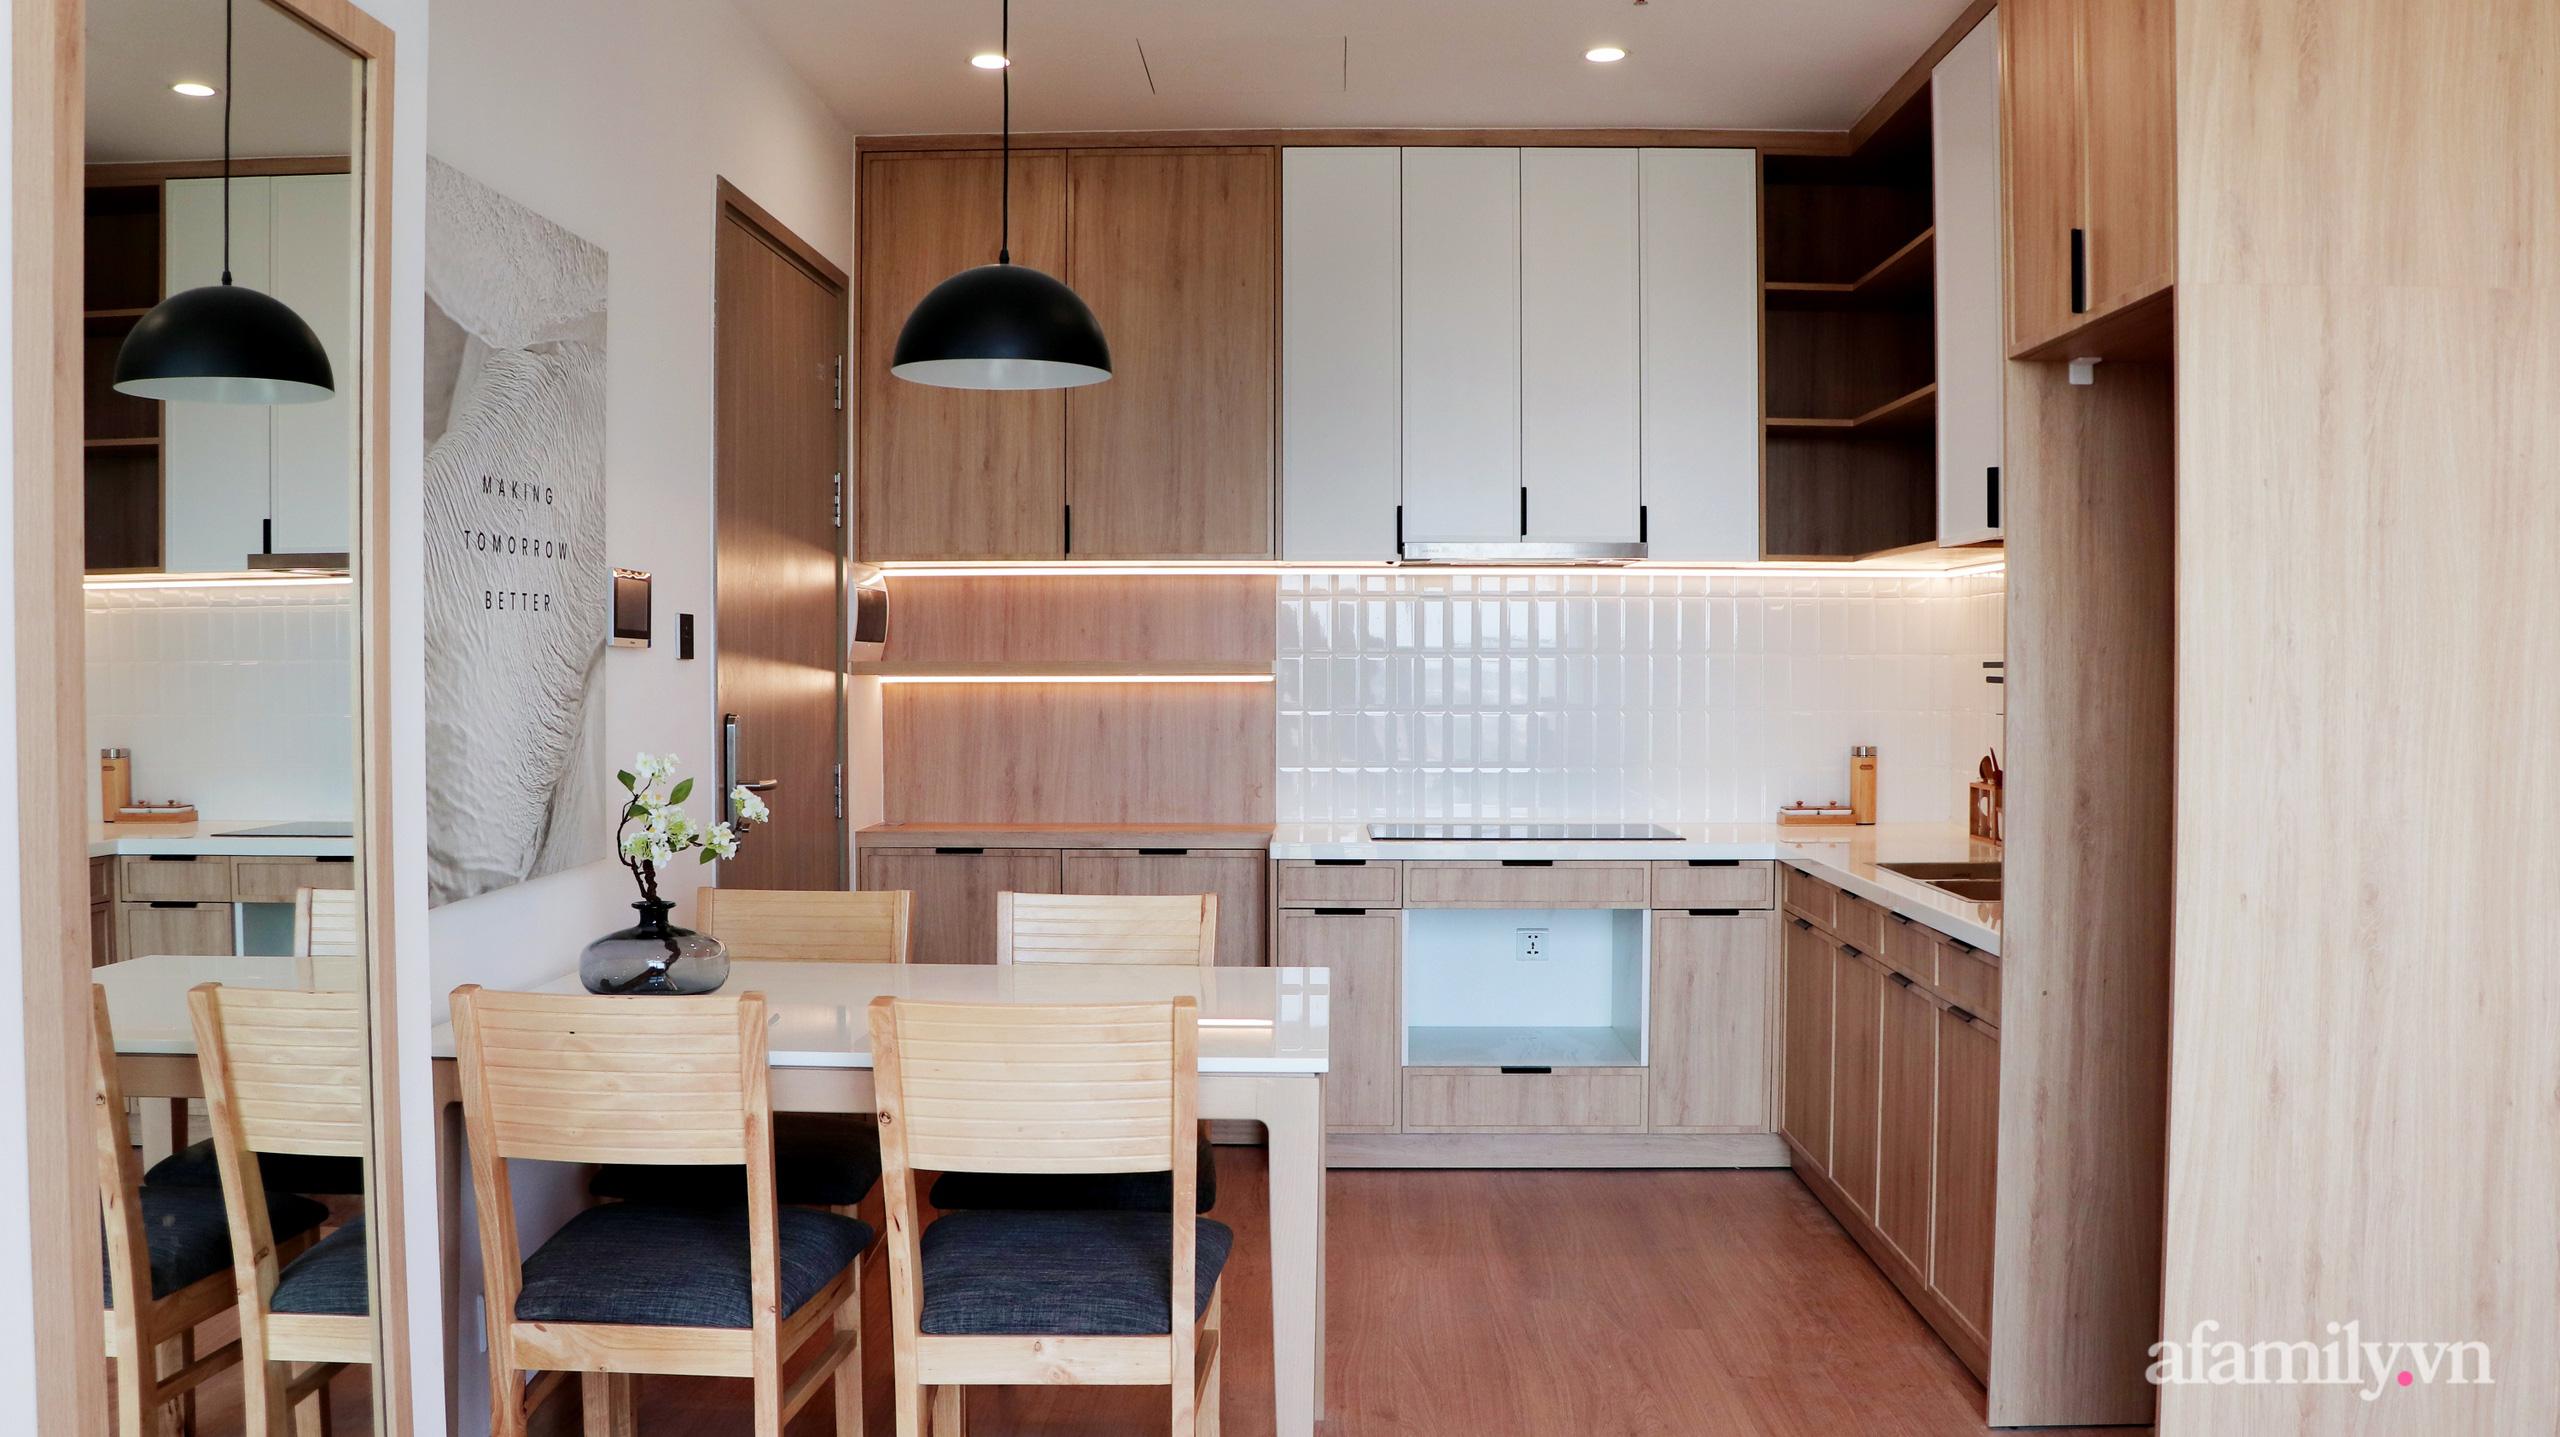 Căn hộ 72m² cực ít đồ đạc vẫn đẹp tinh tế và tiện dụng nhờ thiết kế nội thất thông minh ở Sài Gòn - Ảnh 4.